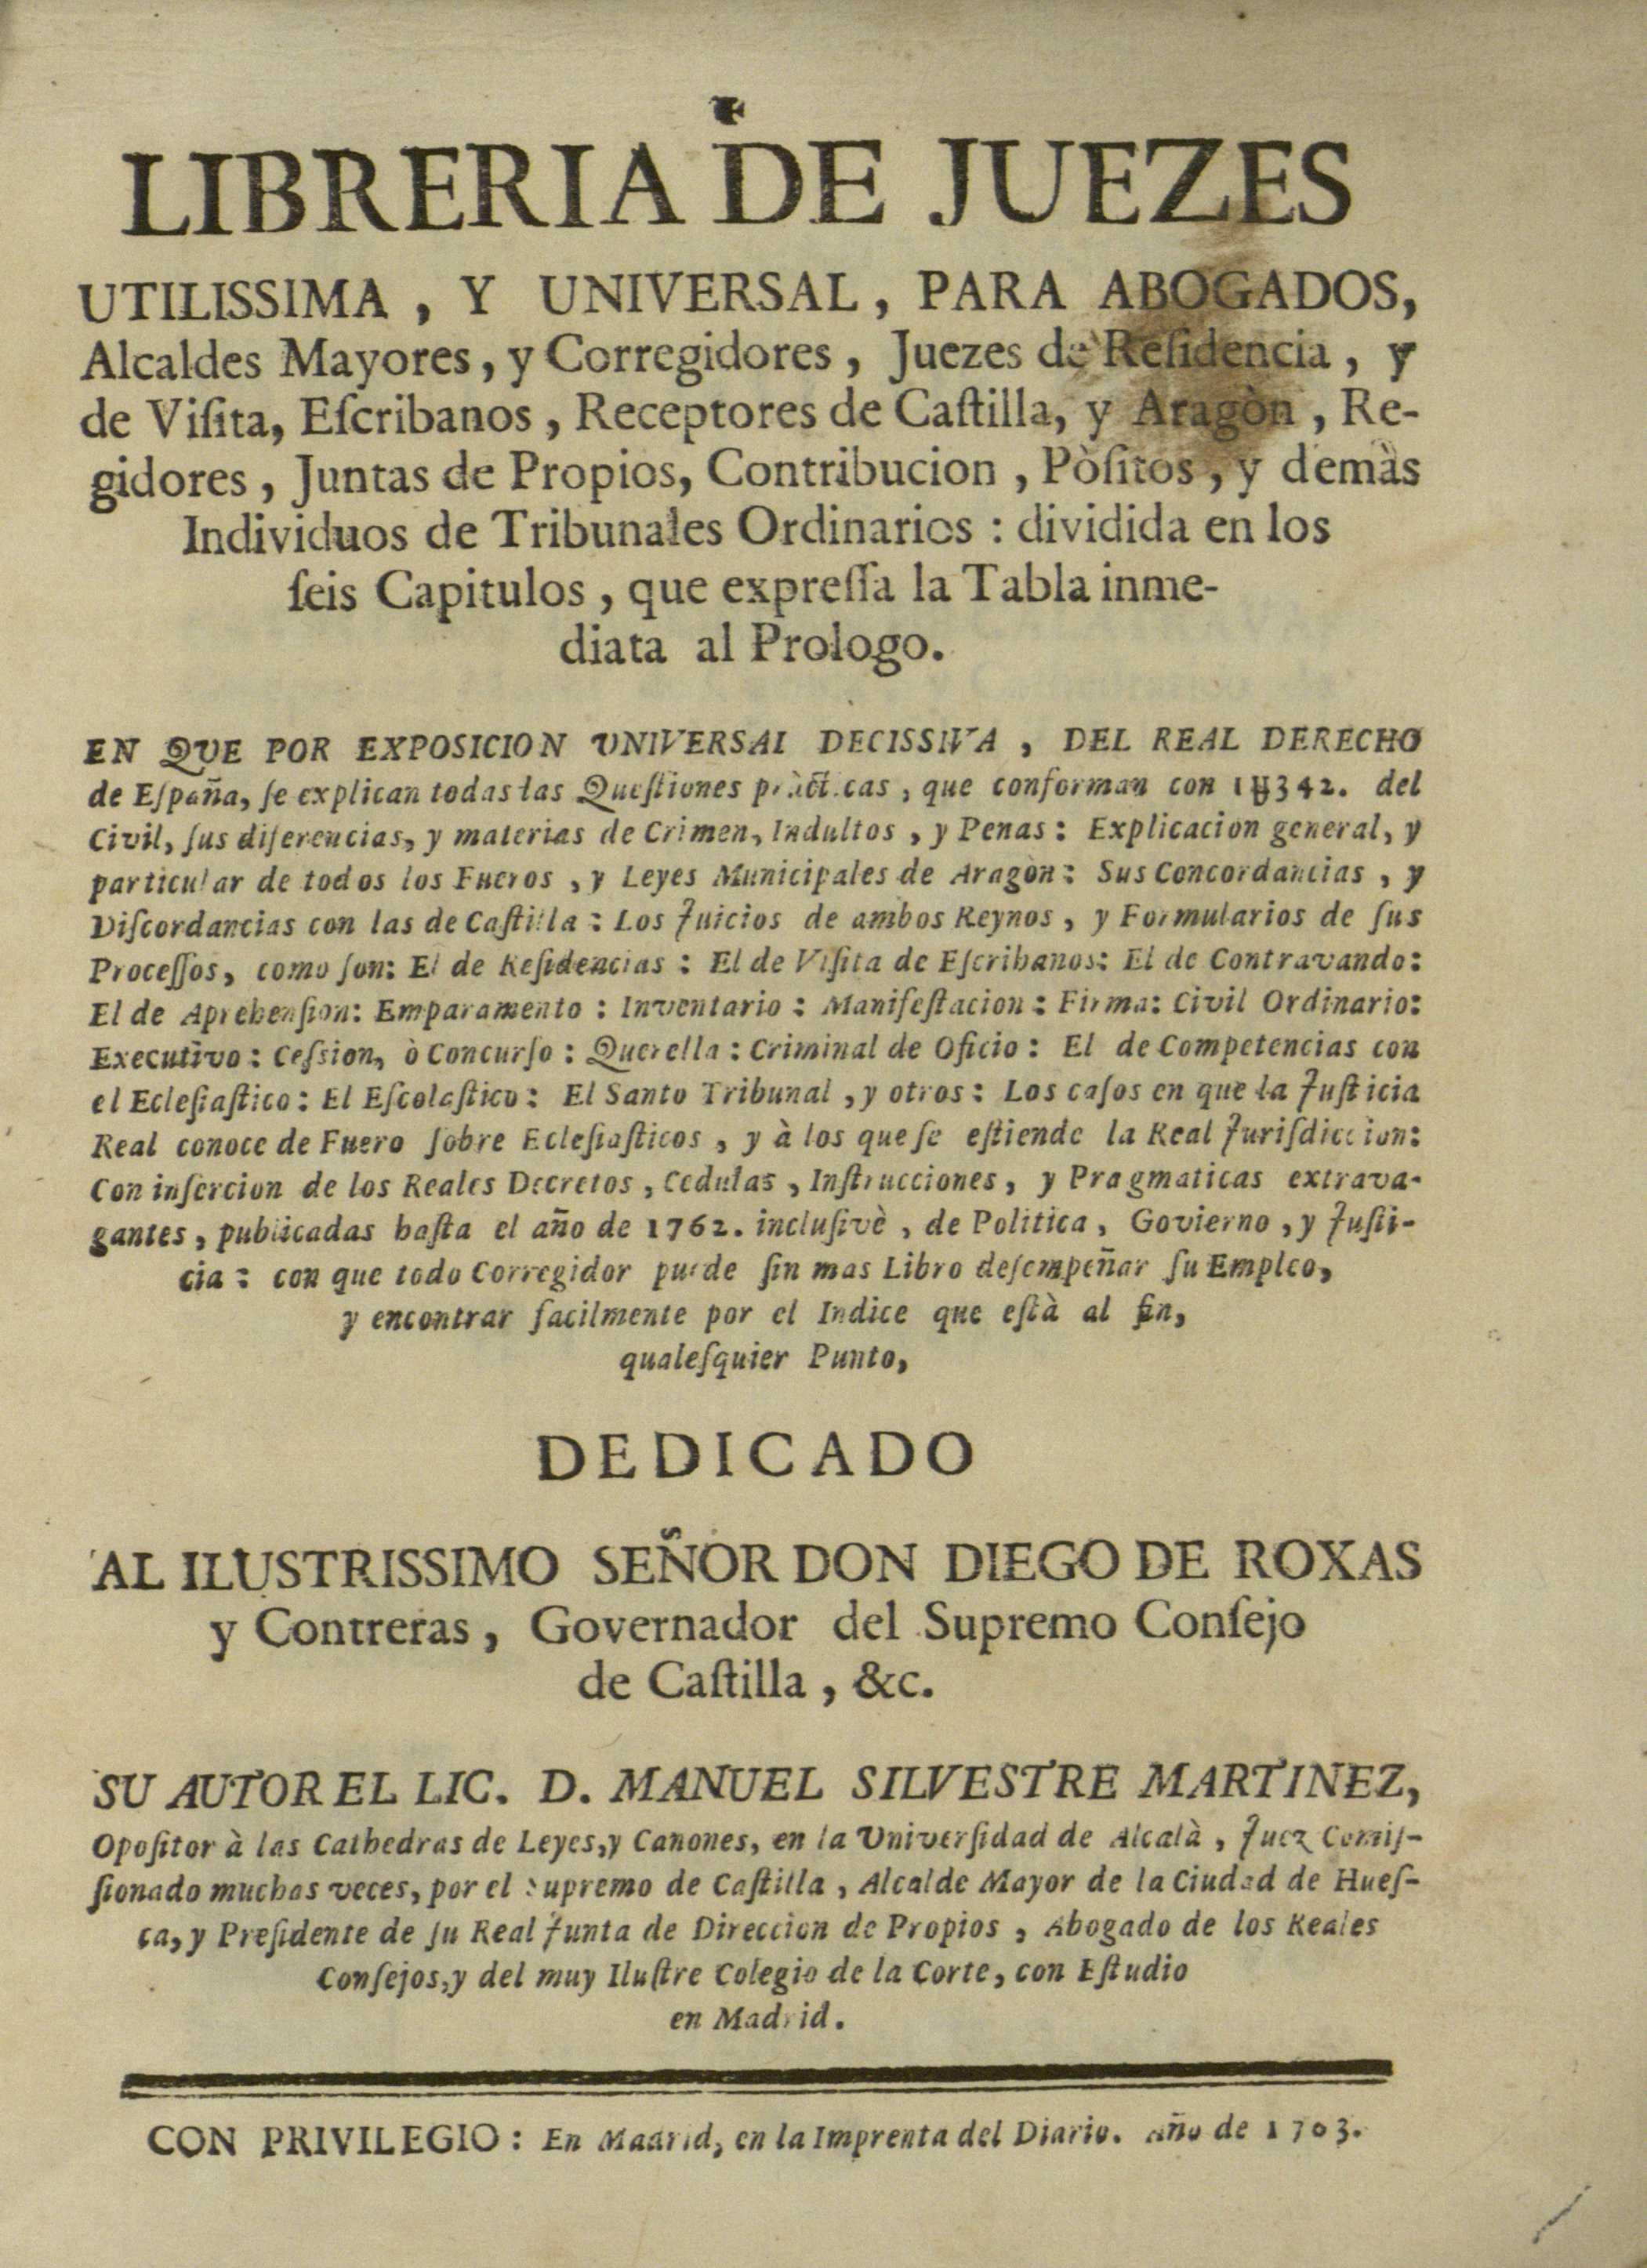 Libreria de juezes utilissima y universal, para abogados, alcaldes mayores, 1763